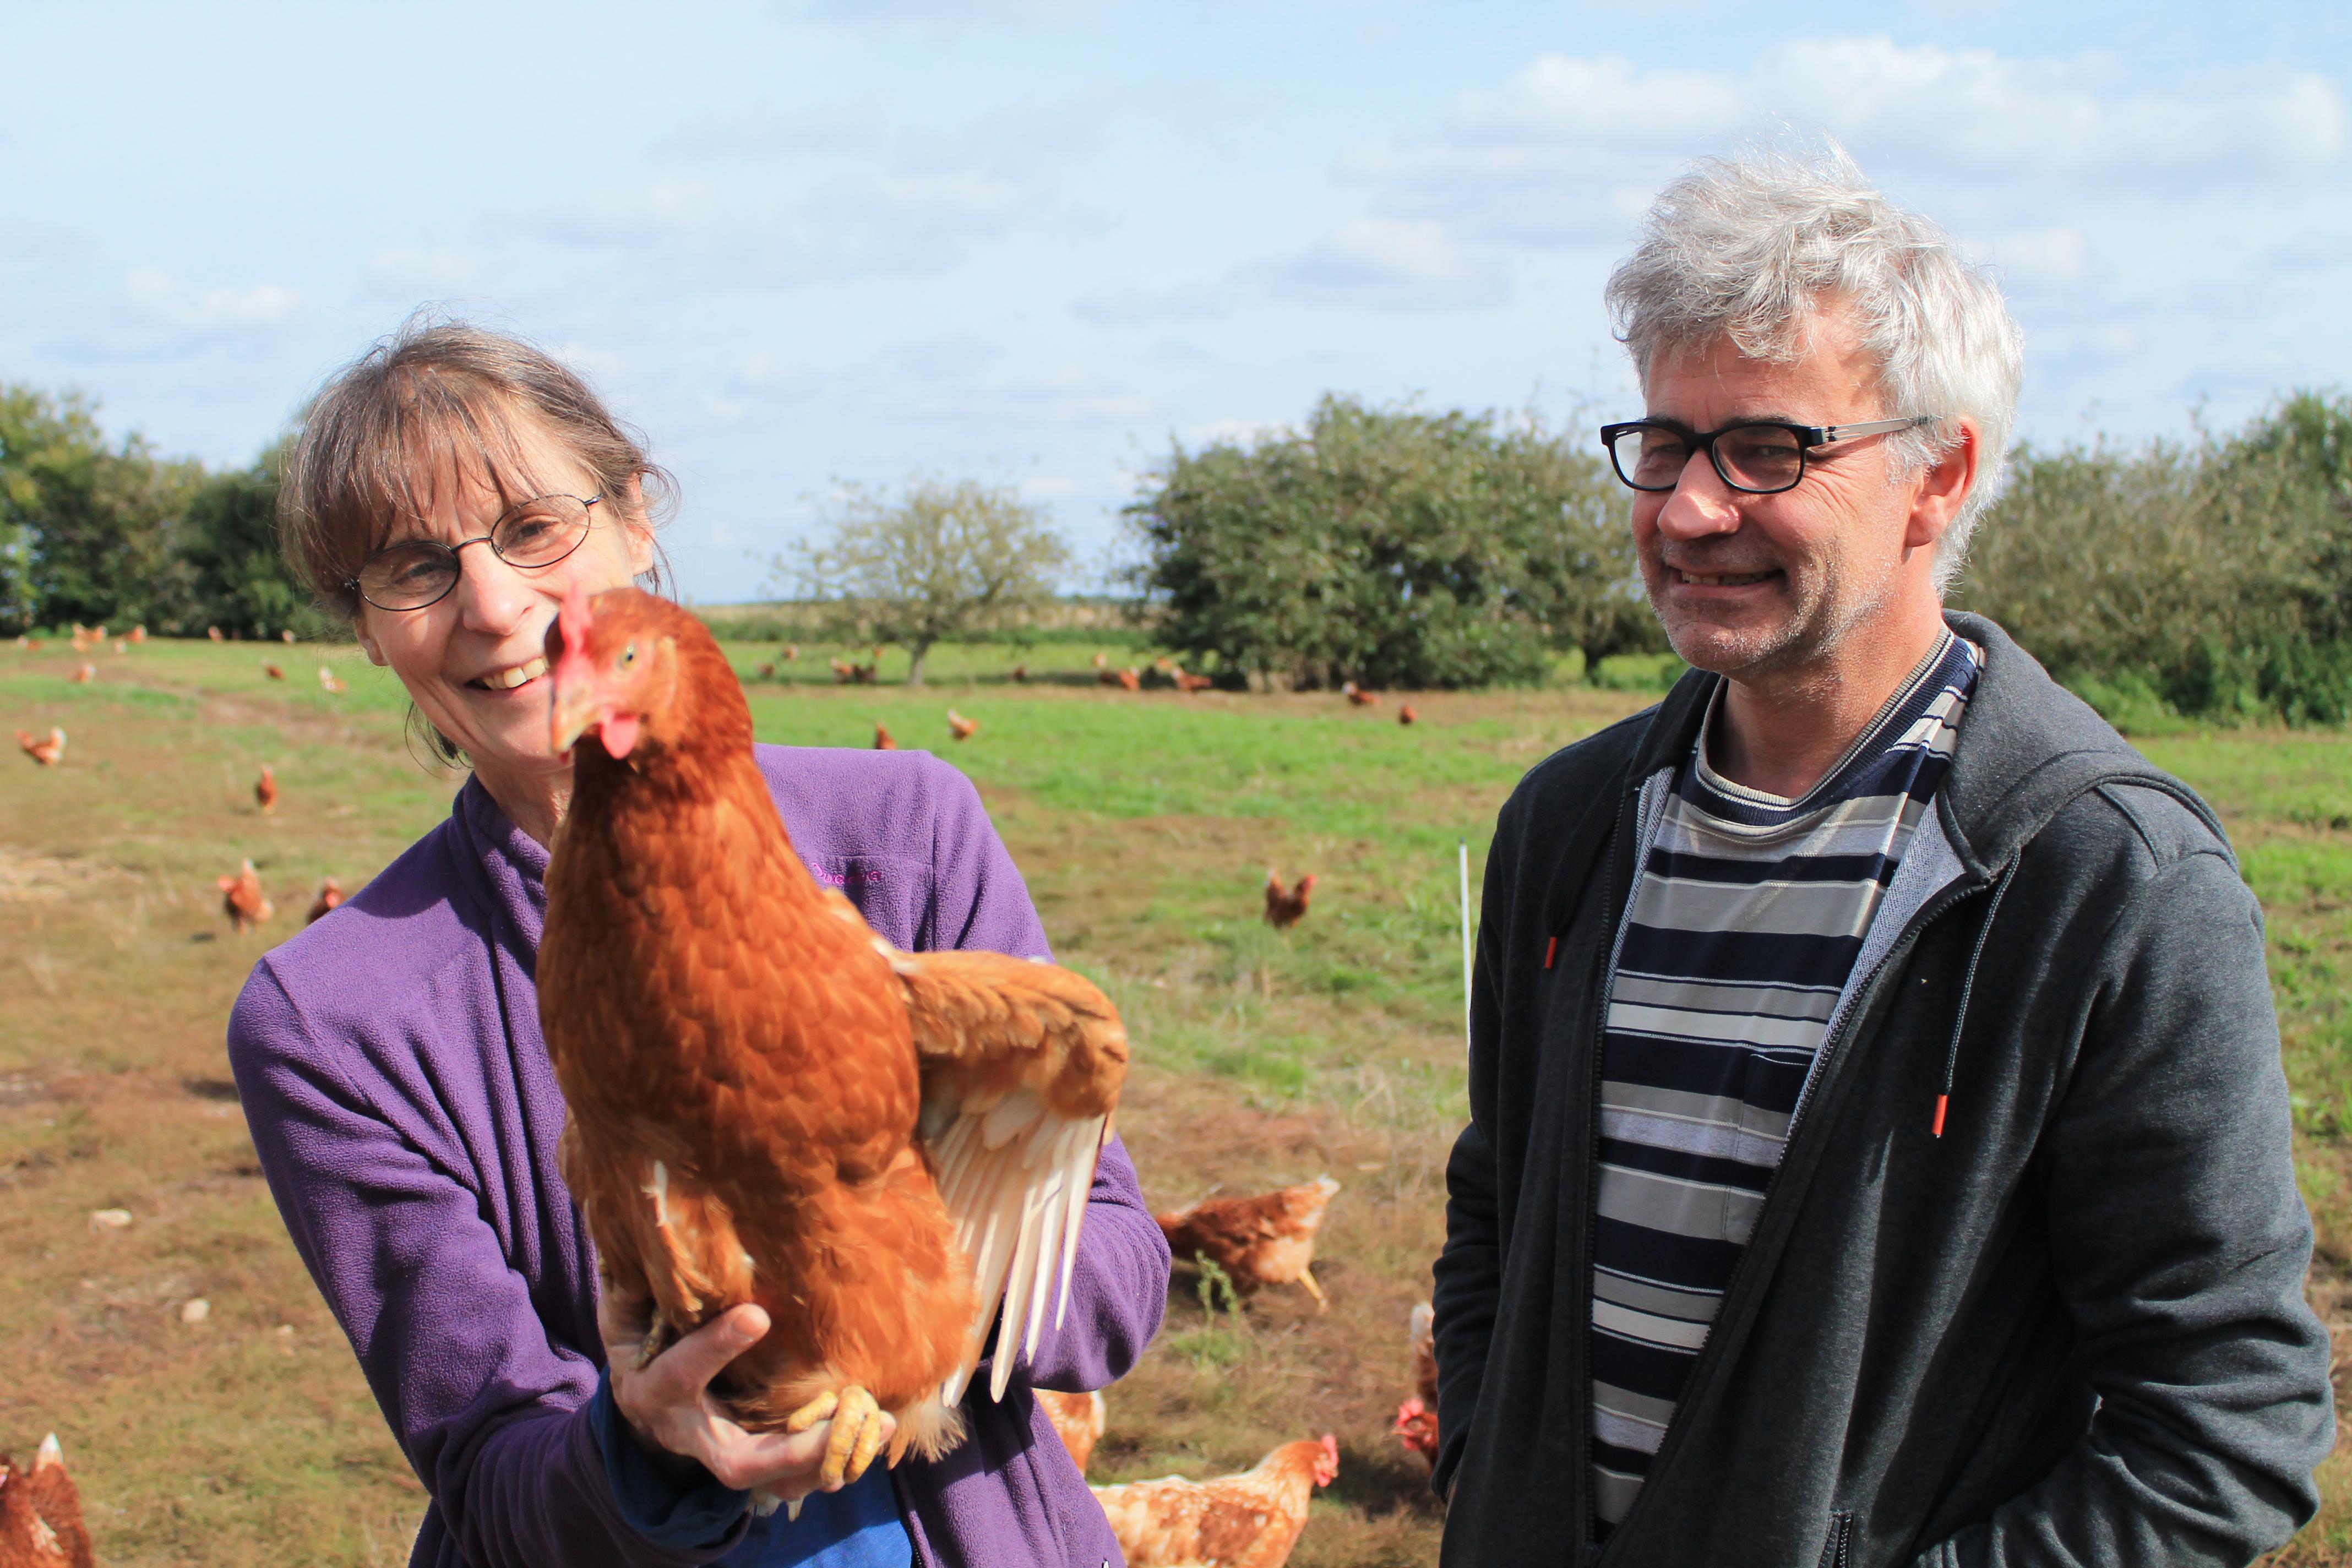 Les Bignon regrettent la taylorisation du travail agricole. «Nous prenons une heure chaque jour pour ramasser les œufs. Dans certaines exploitations, ils ramassent toute la journée!» - Sasha Mitchell